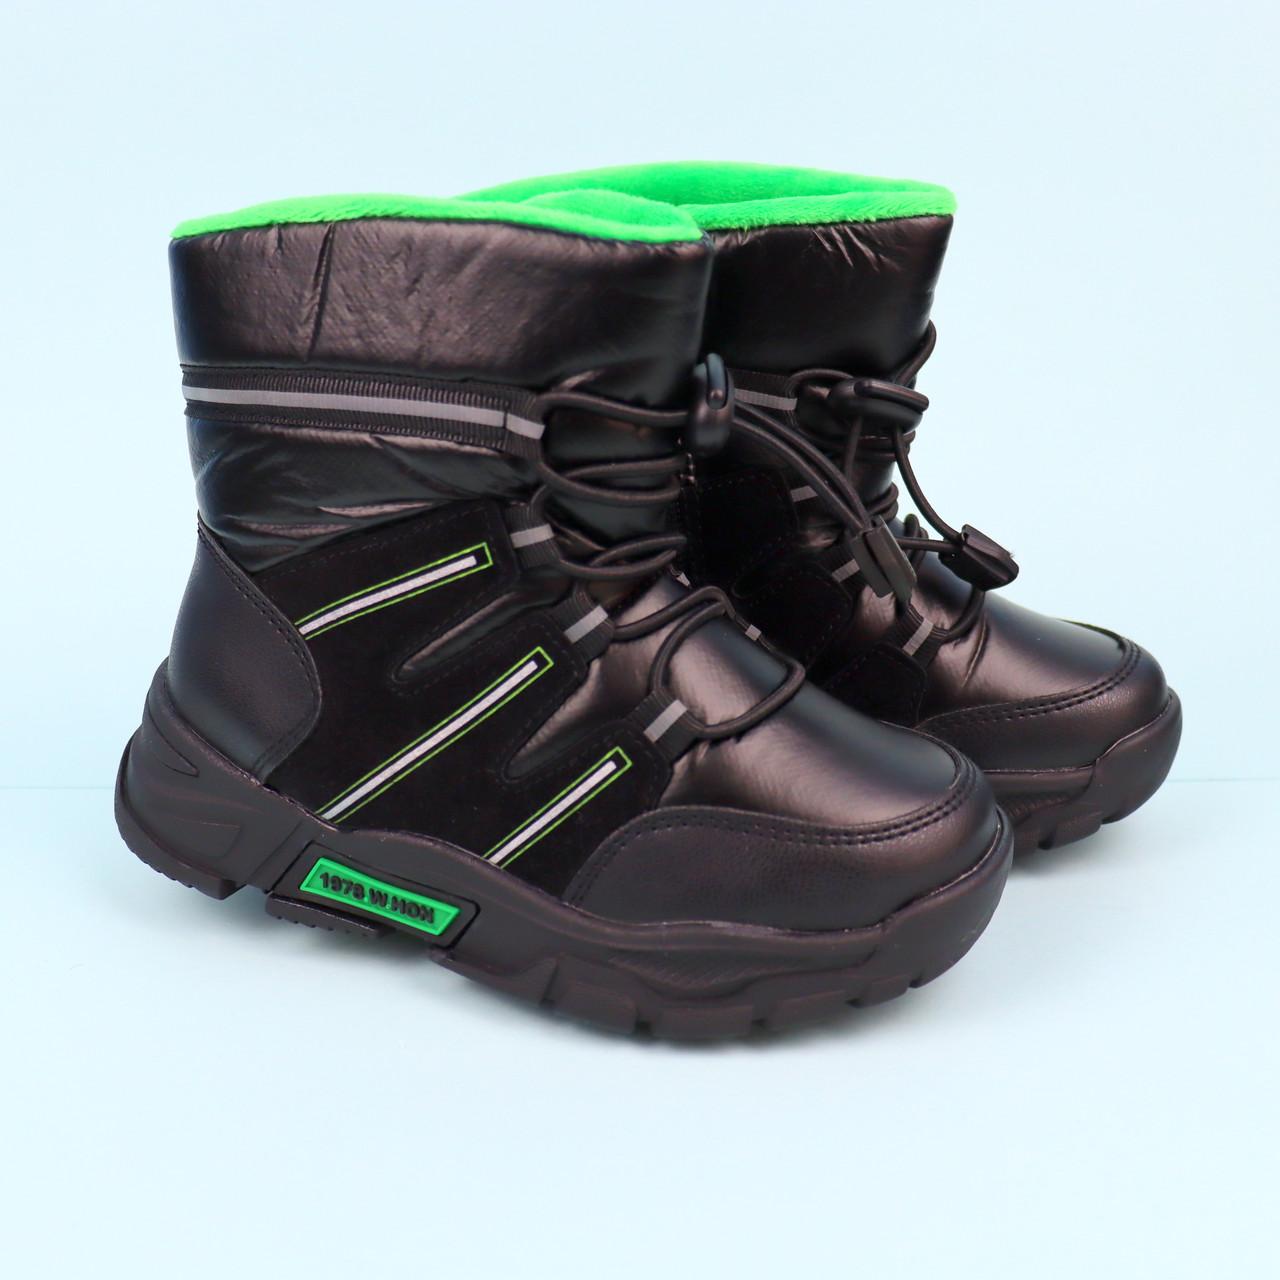 Чорні чоботи дутики для хлопчика тм Тому.м розмір 27,28,29,30